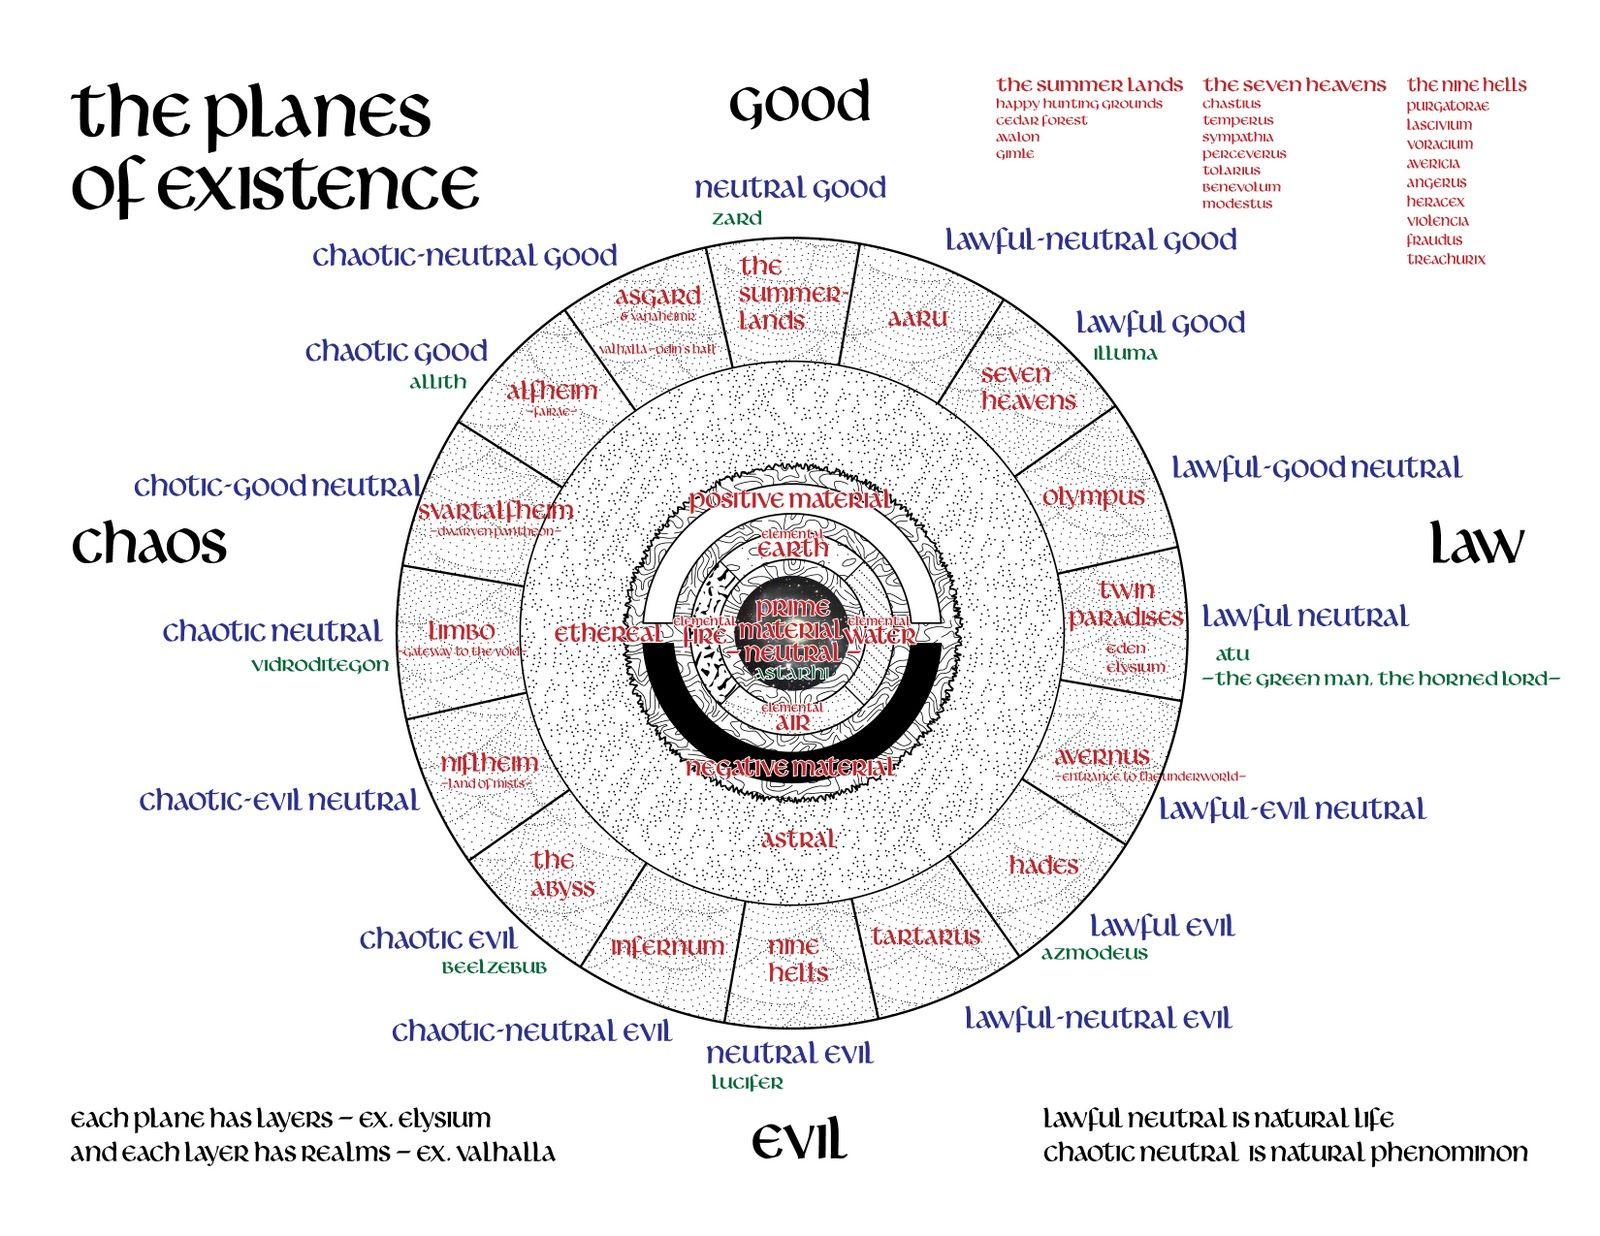 Ofitas diagramas wikipedia geometra sagrada pinterest ofitas diagramas wikipedia geometra sagrada pinterest diagram and mythology pooptronica Choice Image